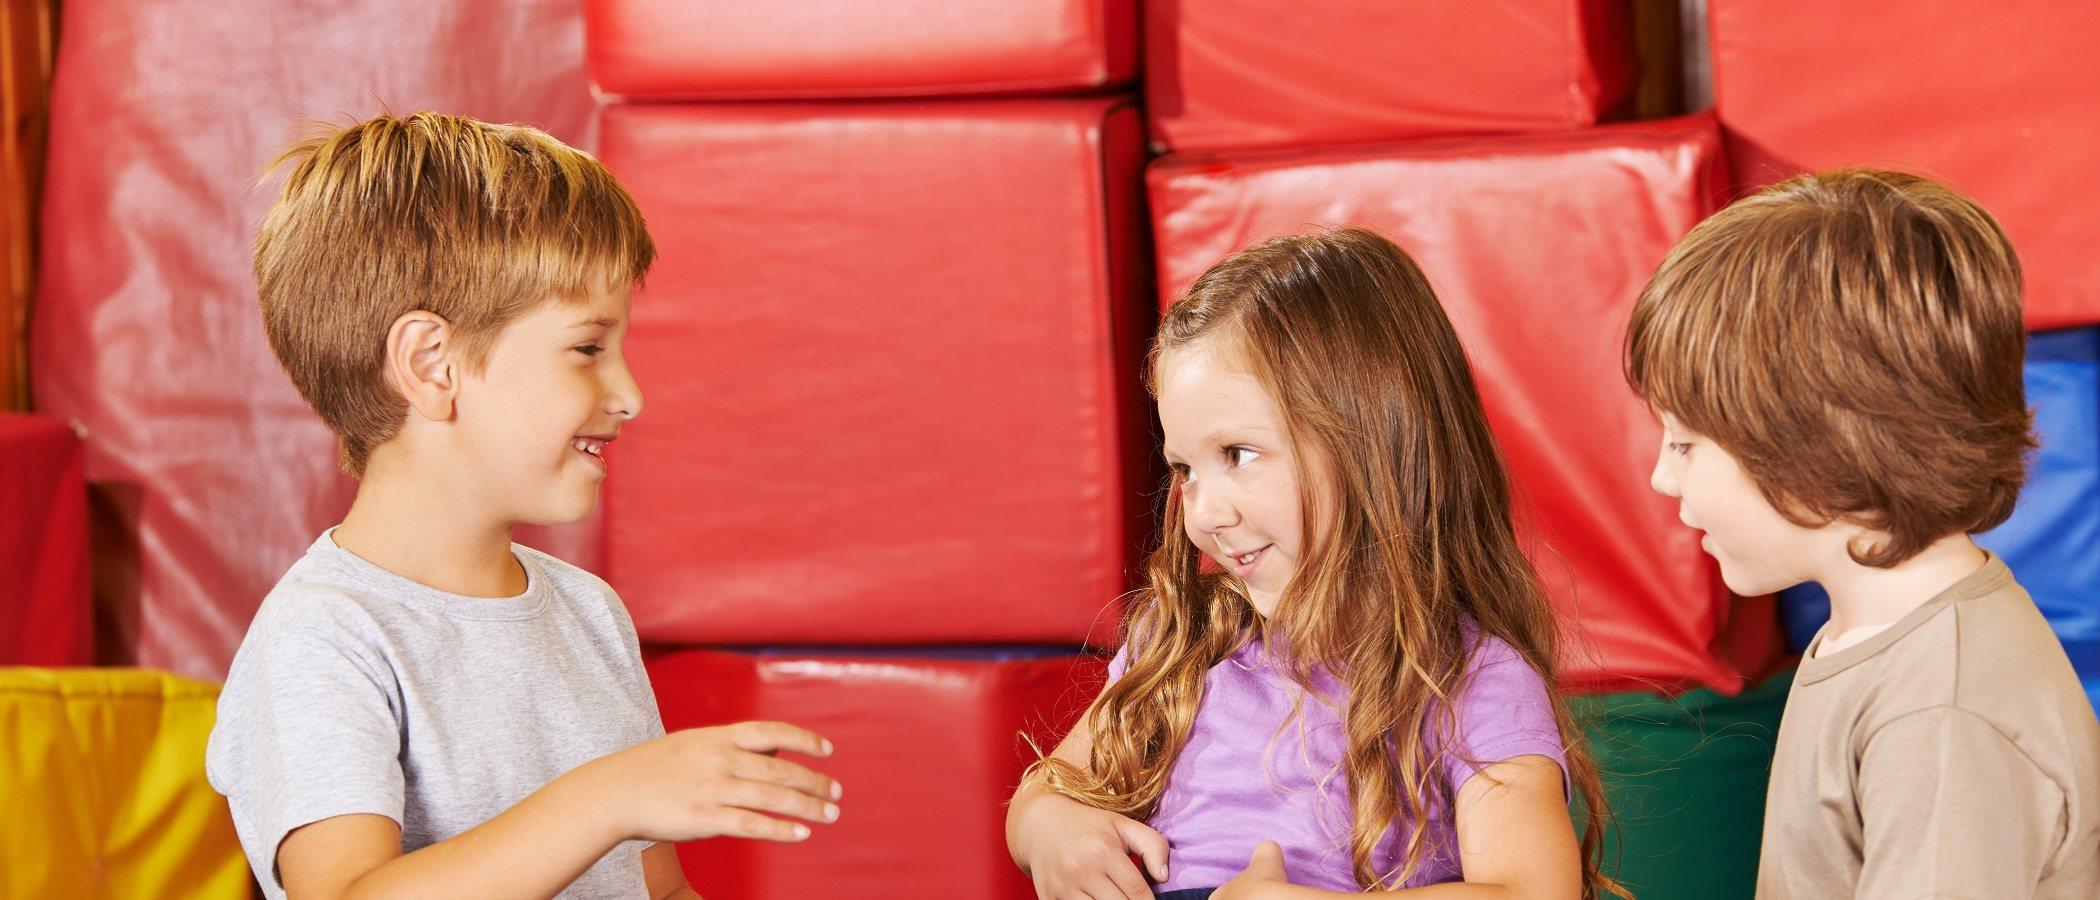 Cómo ayudar a los niños pequeños a resistir la presión del grupo?